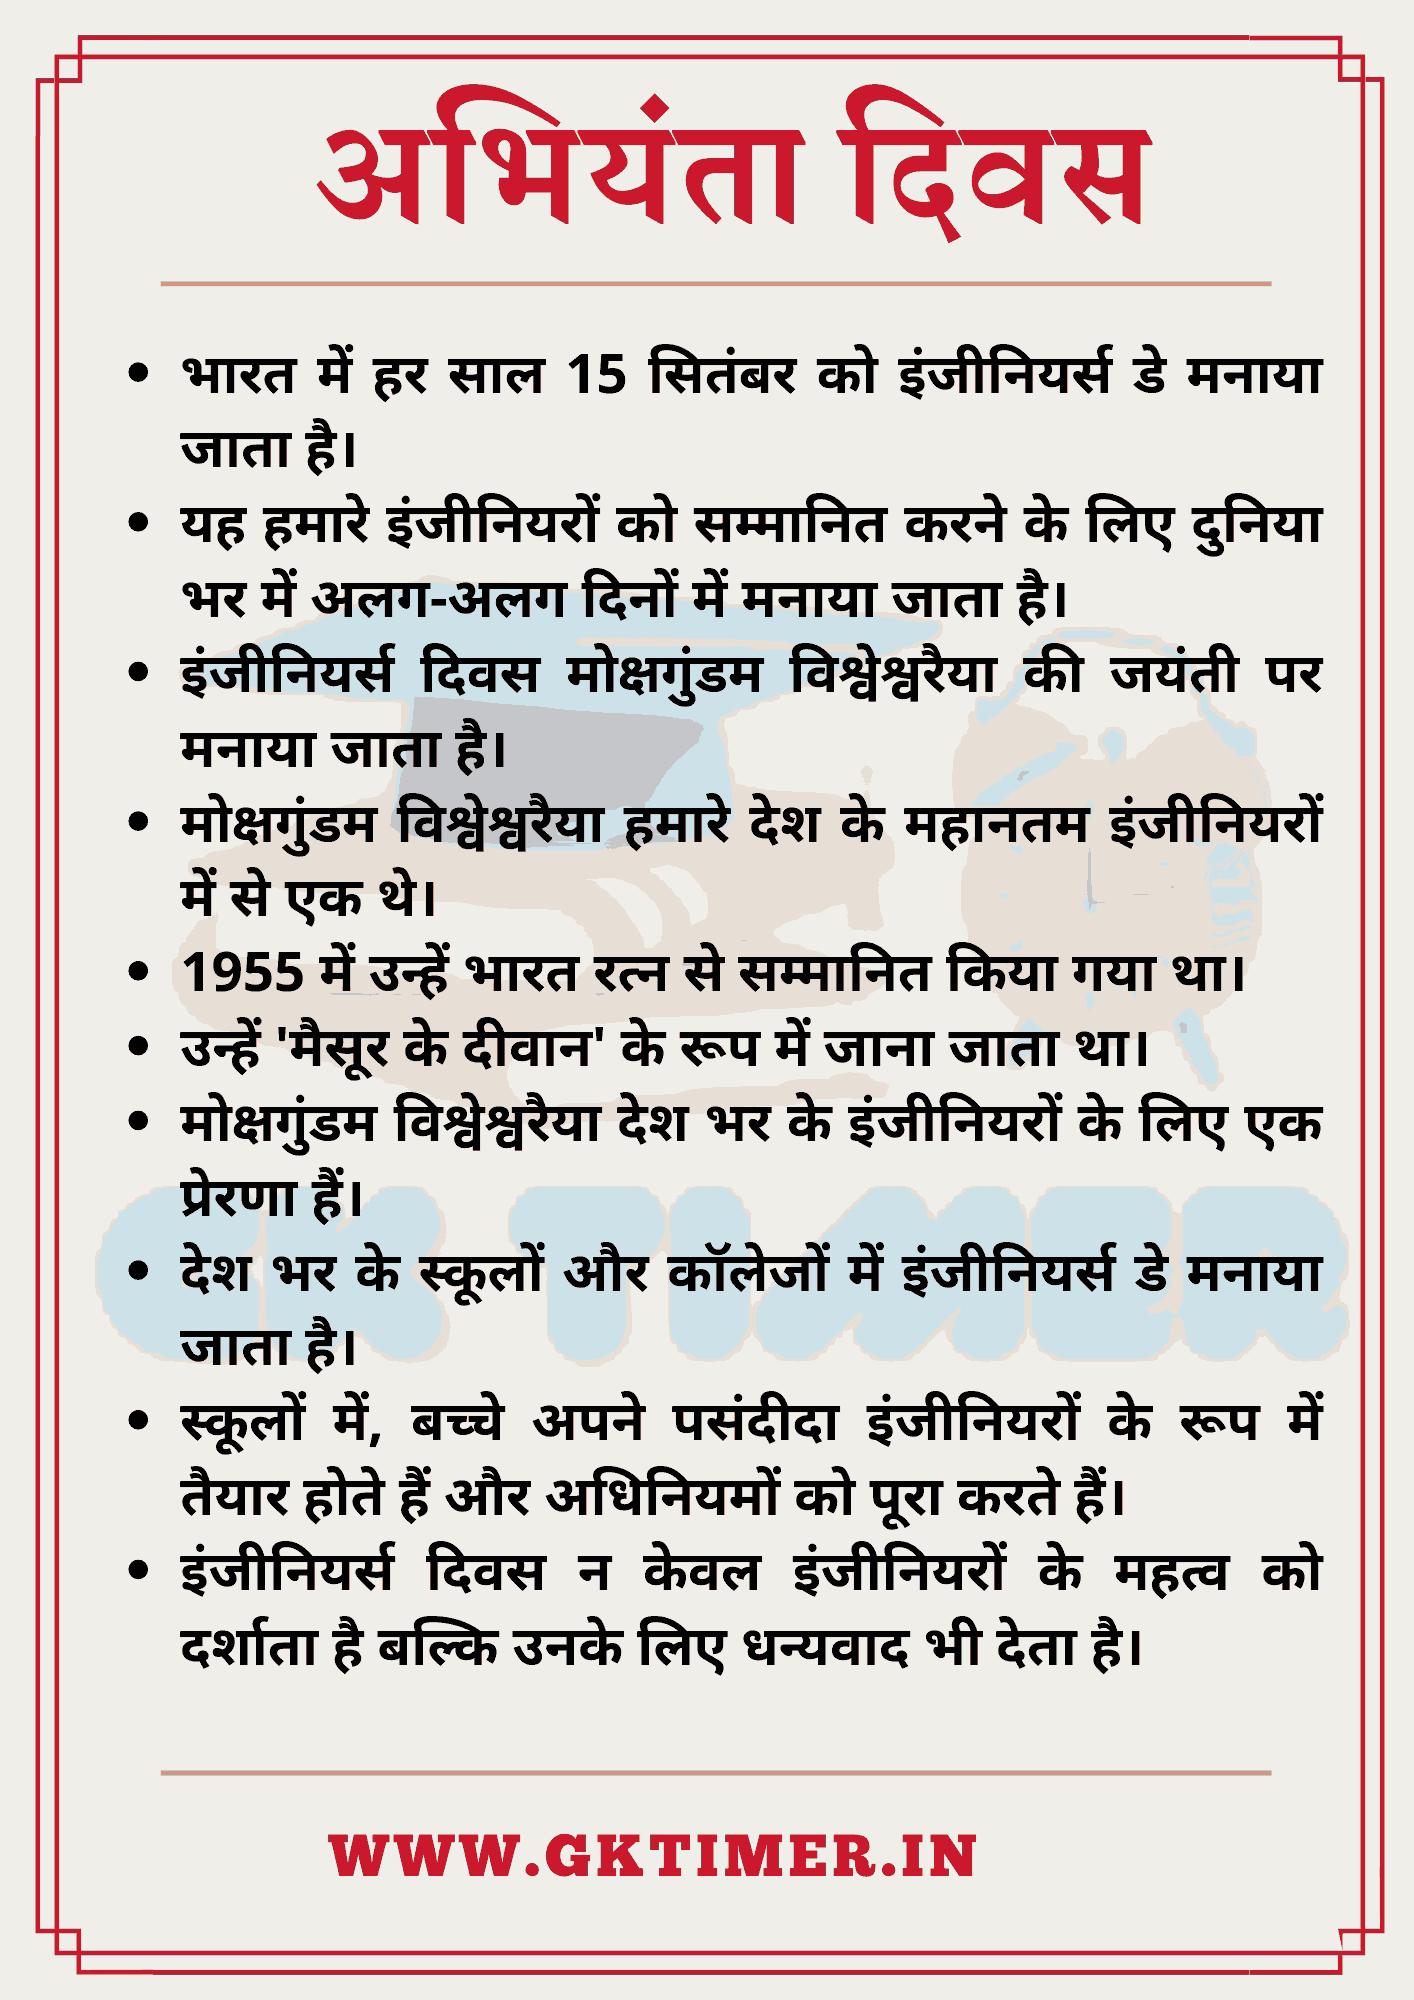 अभियंता दिवस पर निबंध | Essay on Engineers Day in Hindi | 10 Lines on Engineers Day in Hindi